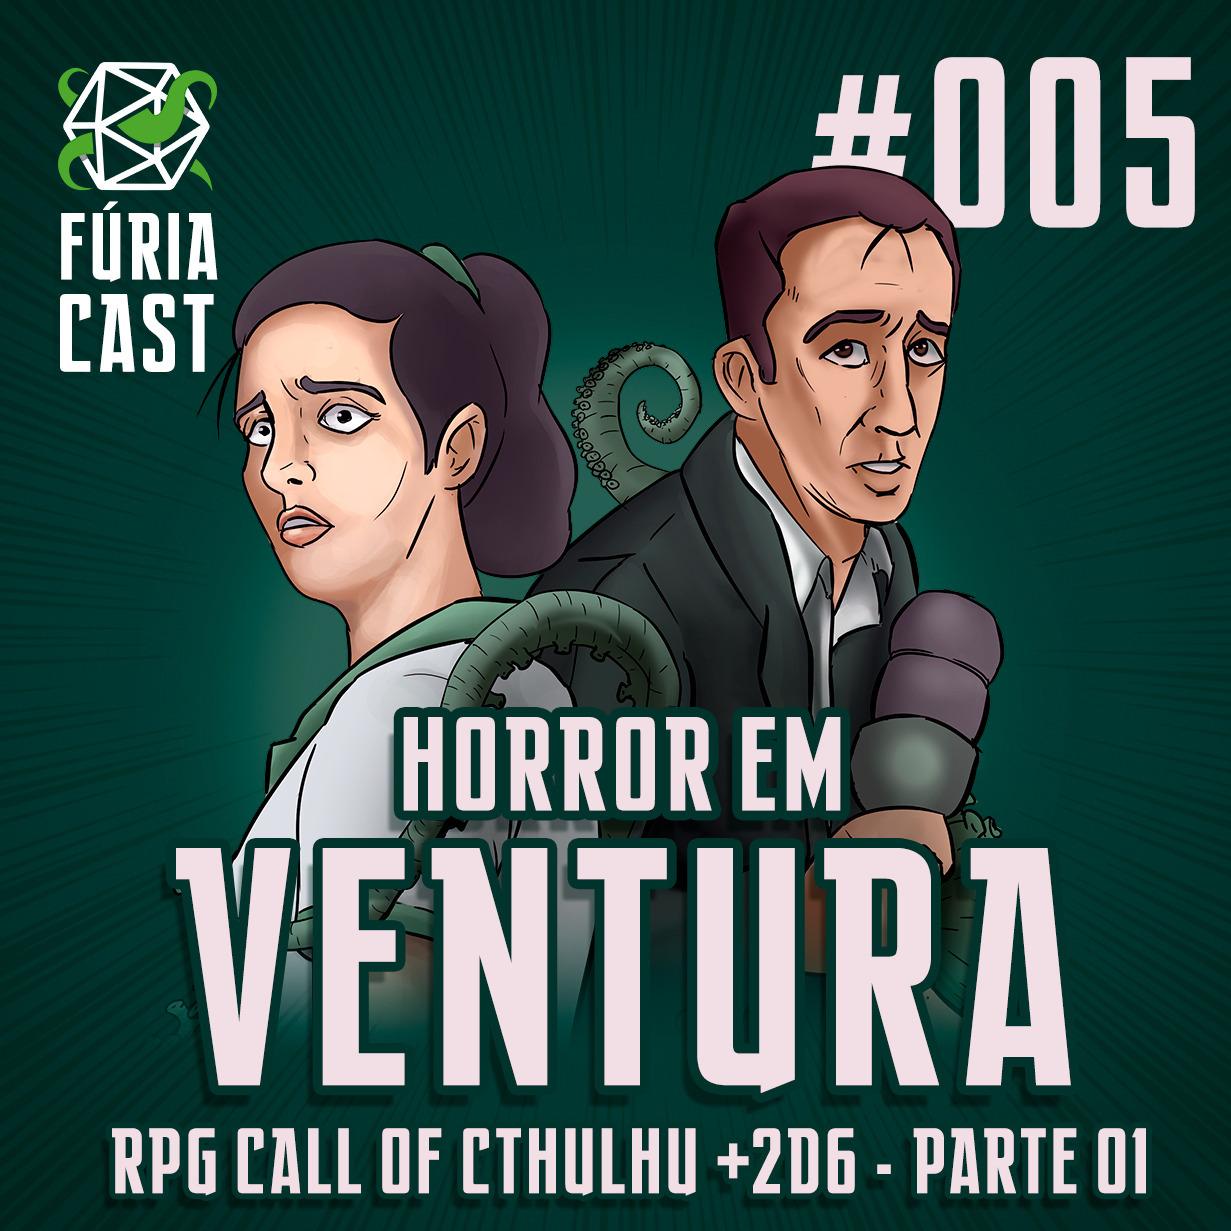 FÚRIACAST #005: HORROR EM VENTURA - PARTE 1